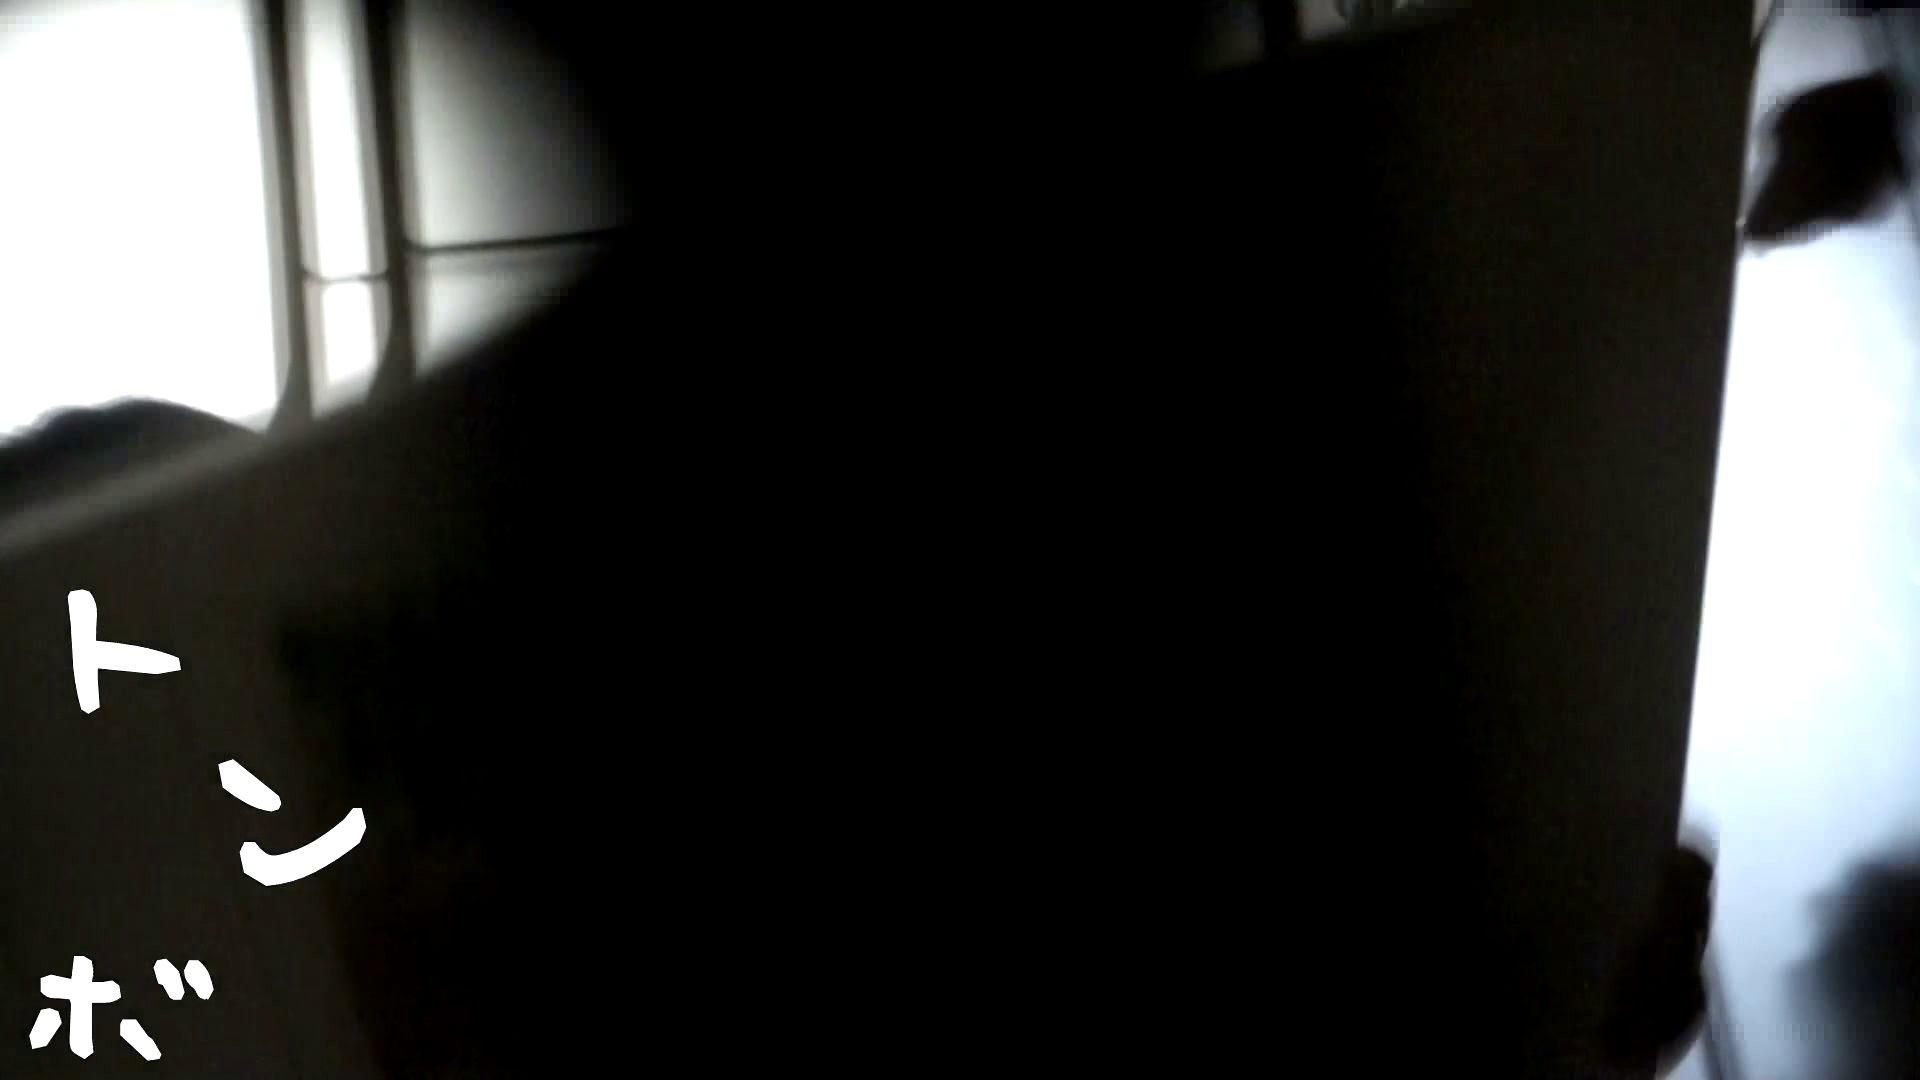 リアル盗撮 清楚なお女市さんのマル秘私生活① 民家 セックス画像 68画像 42